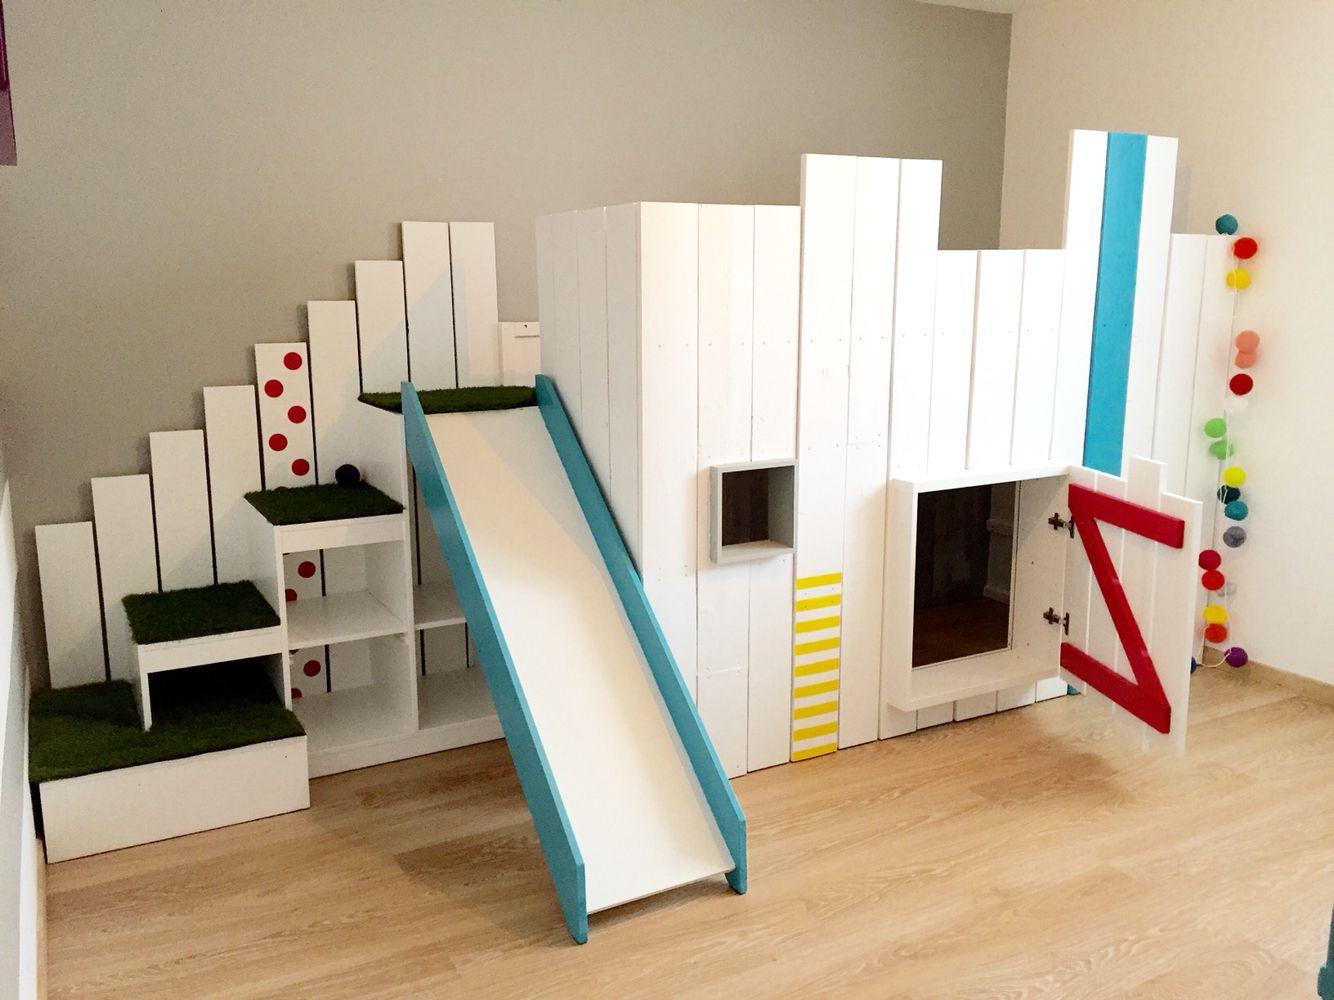 Le Lit #kura De Chez #ikea En Version Lit/cabane. Detourné ... concernant Lit Cabane Ikea